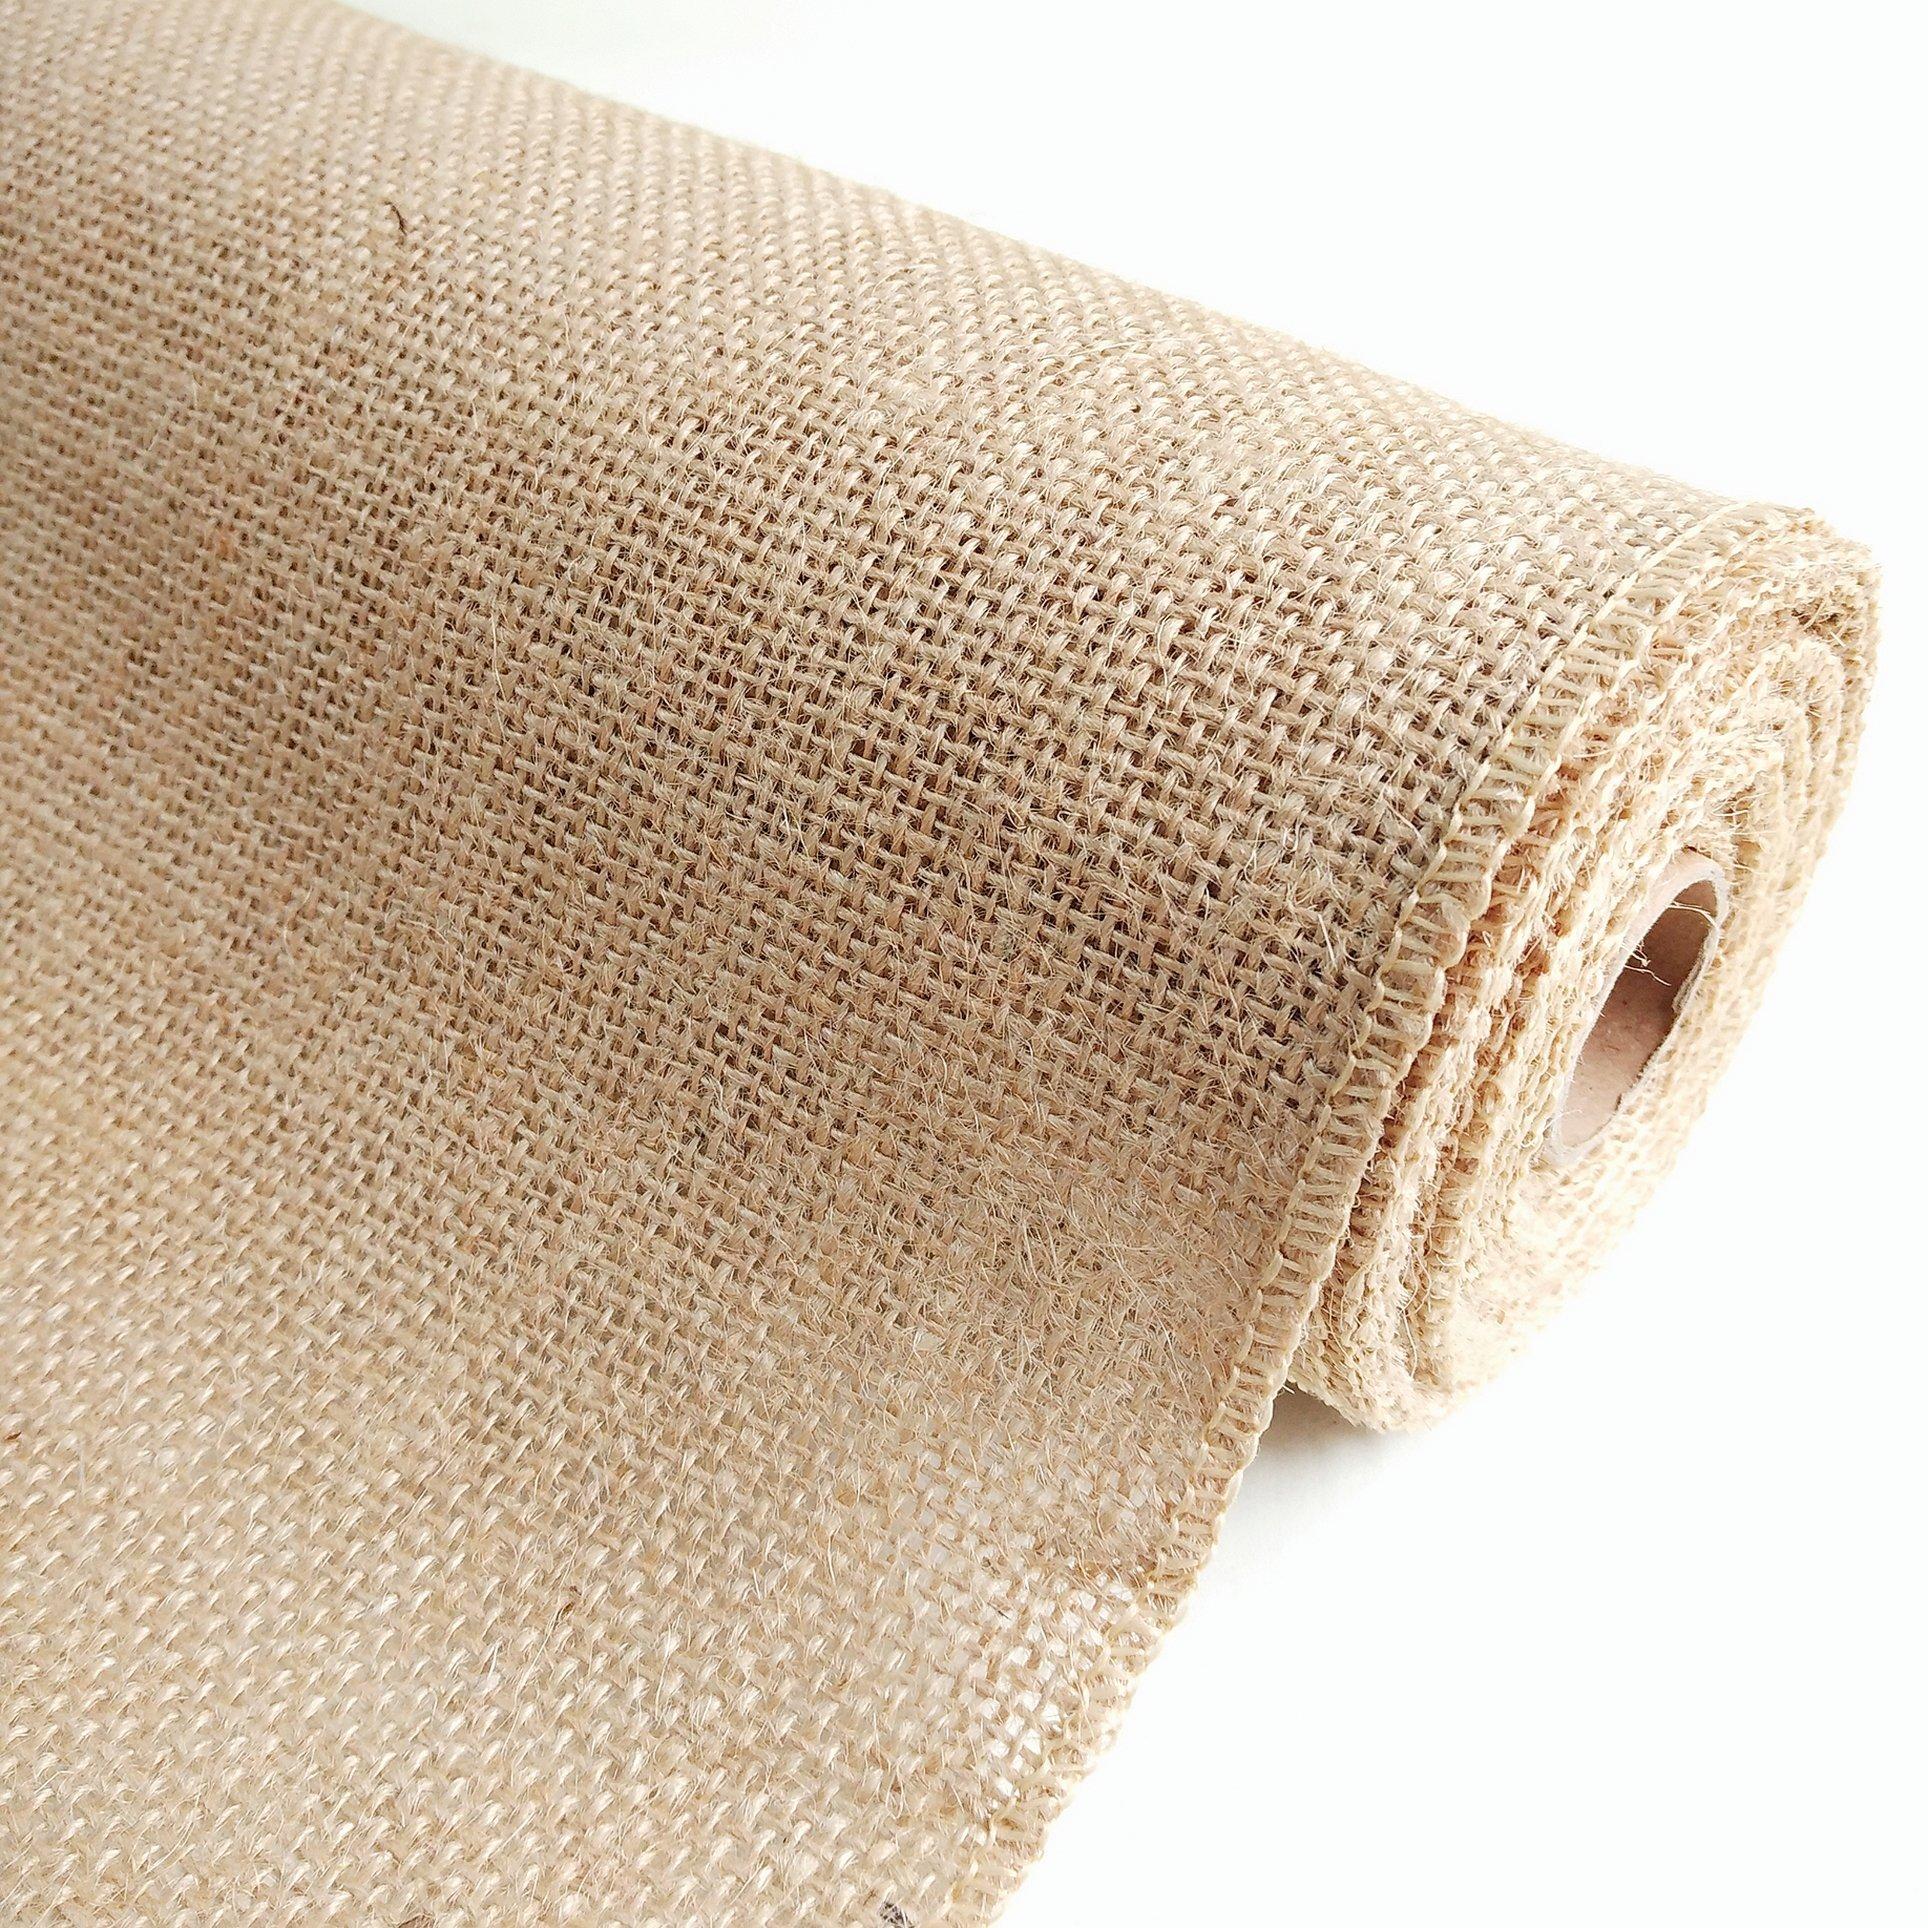 Ткань мешковина рулон лен